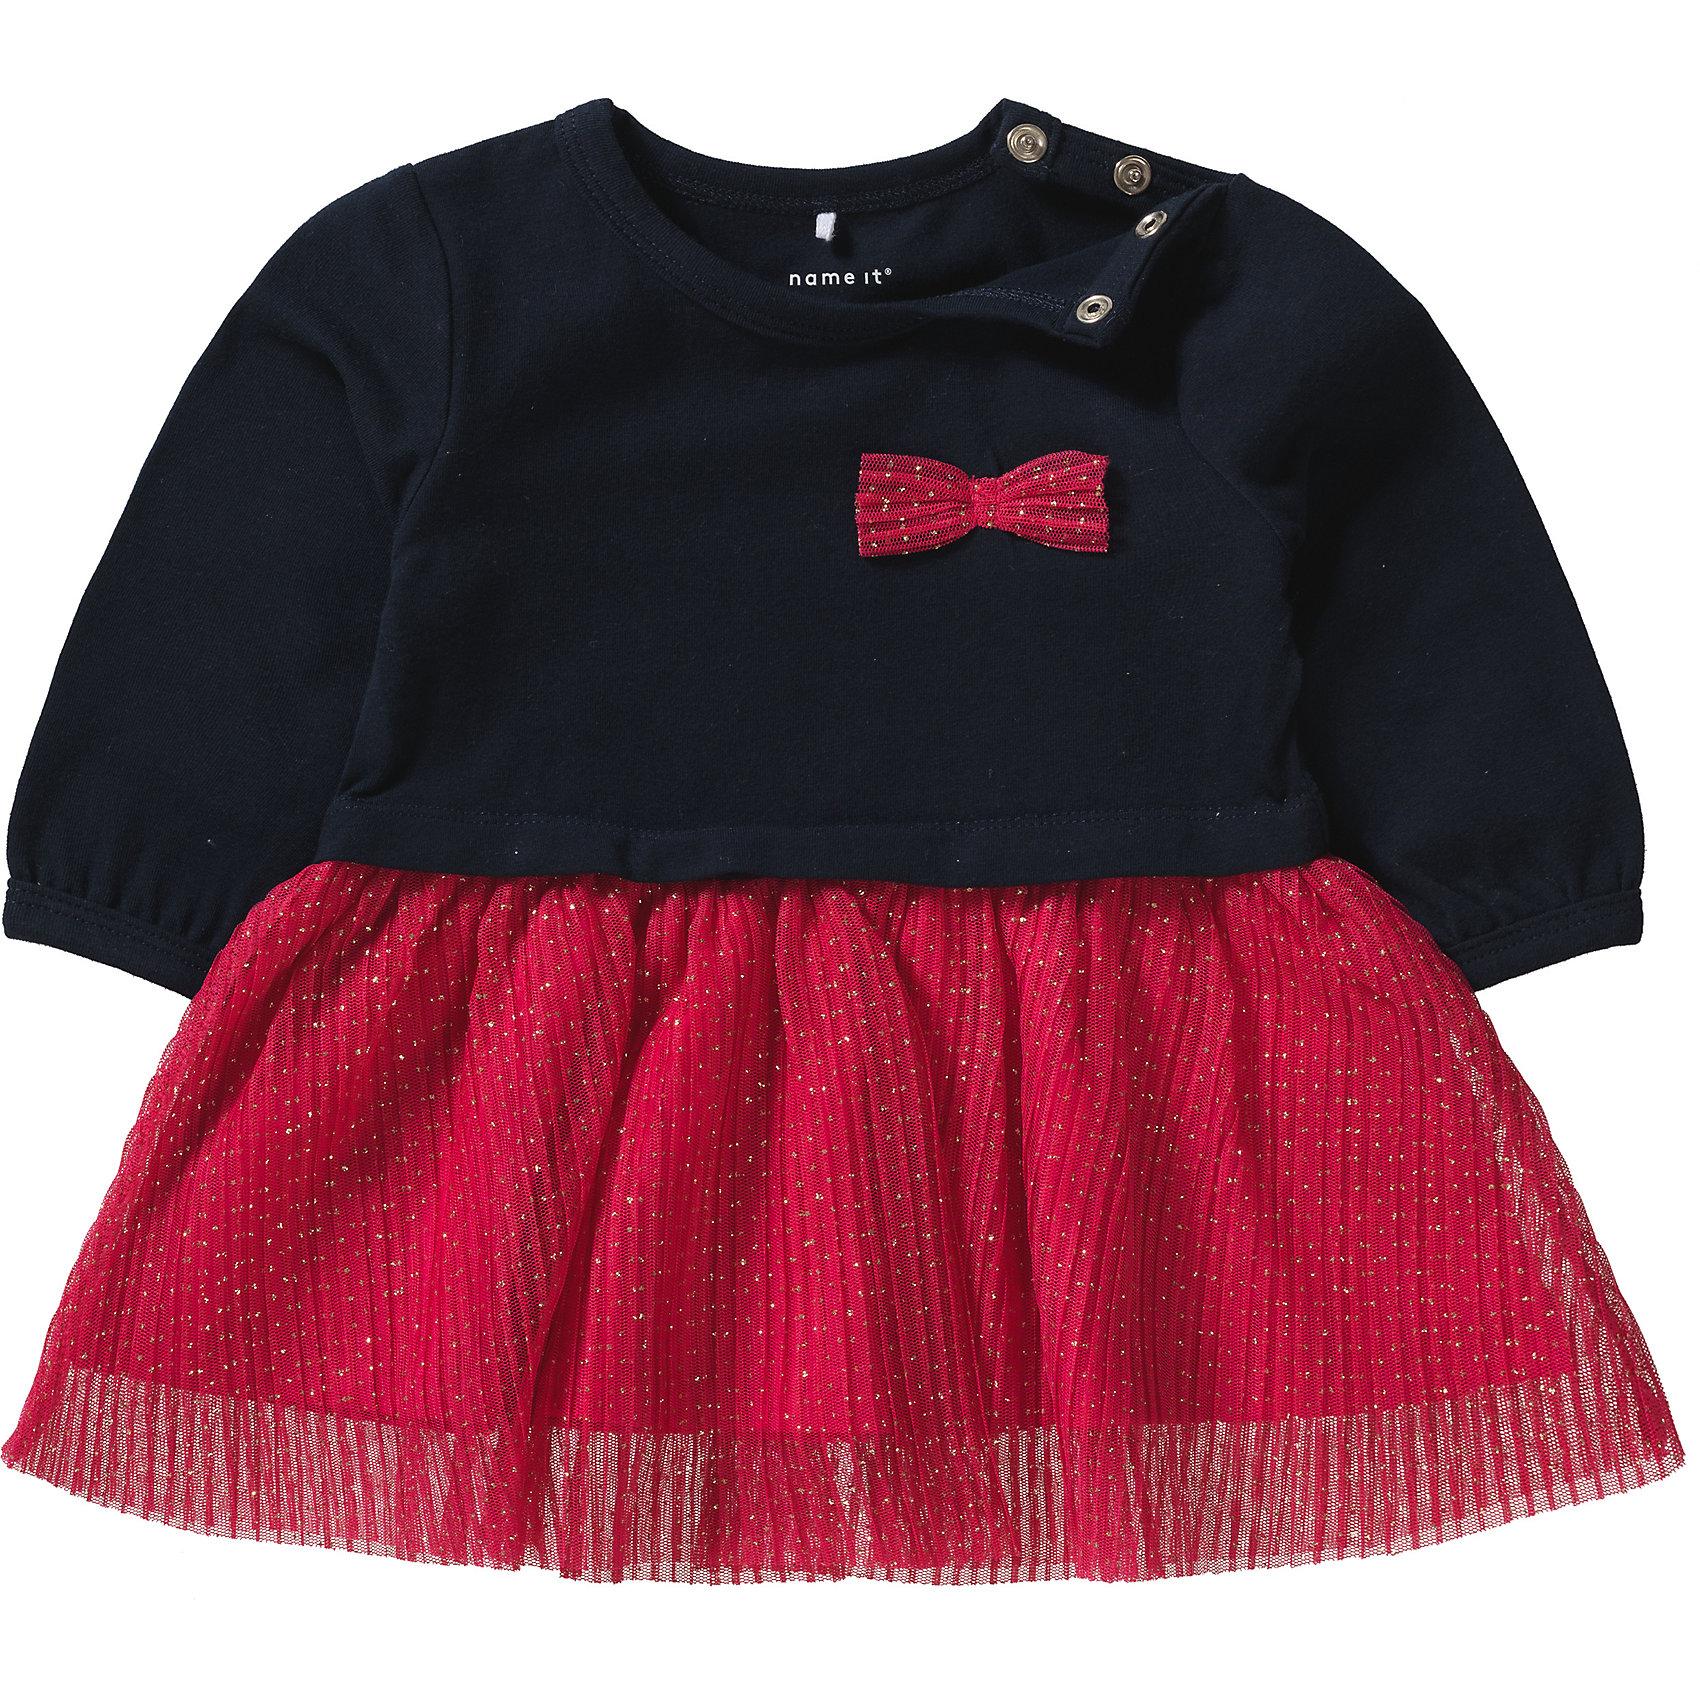 Organic Cotton 9450938 für Mädchen Neu name it Baby Jerseykleid NBFREGITZE